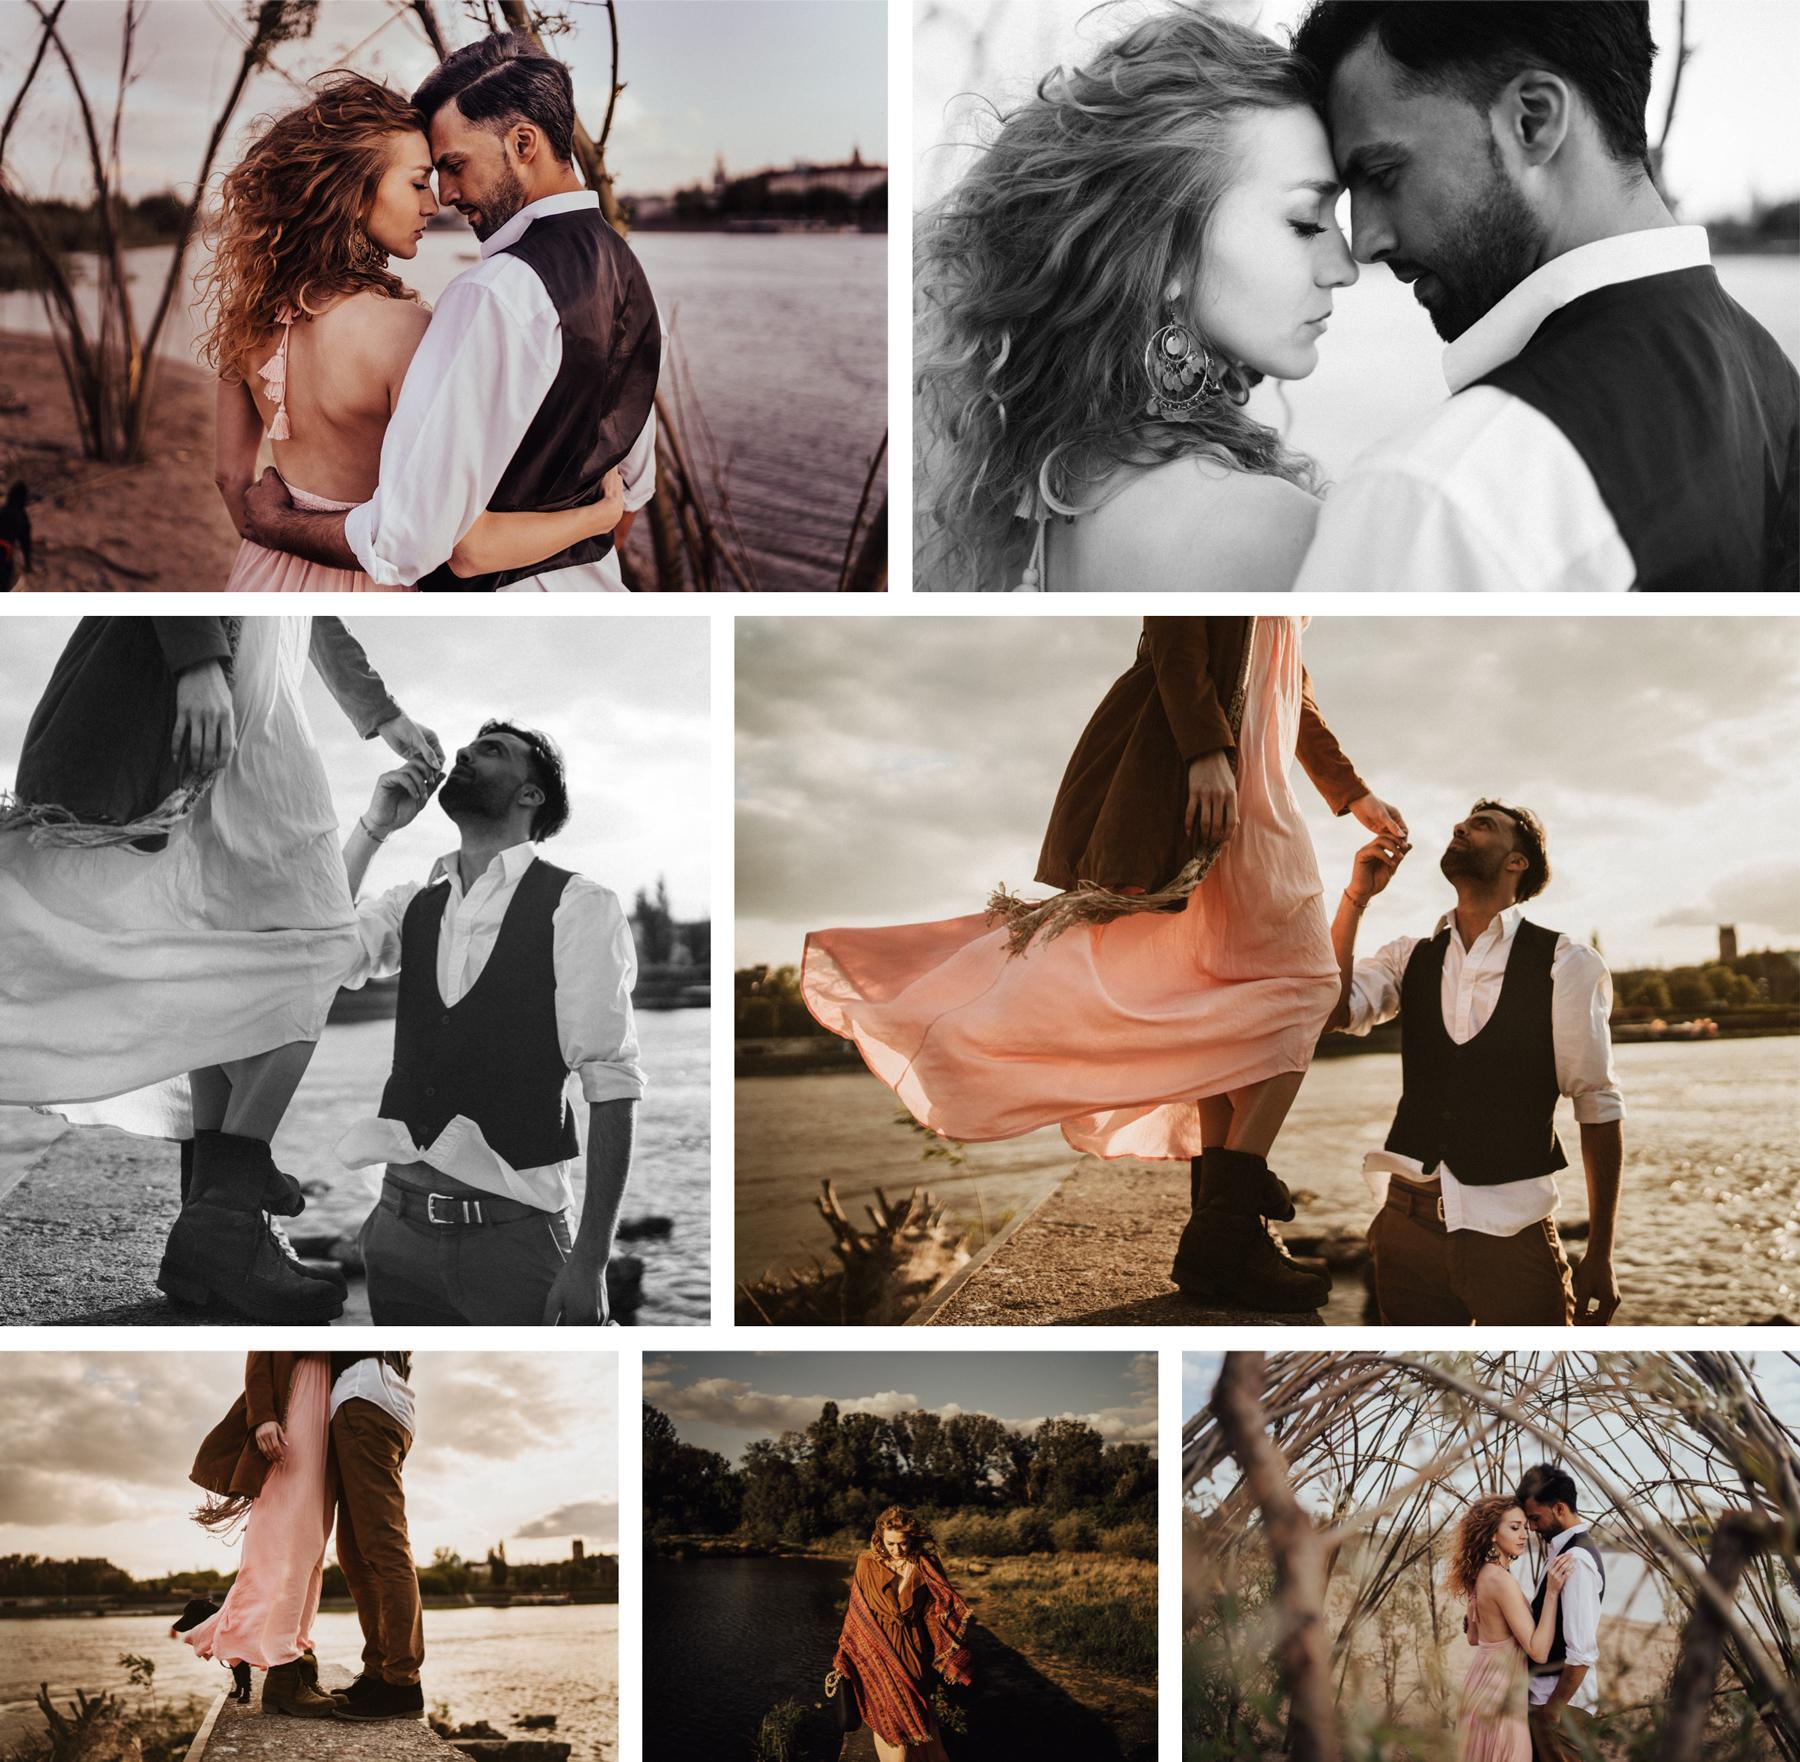 sesja narzeczeńska warszawa łódź fotograf ślubny na ślub na wesele tomasz kałużny zdjeciatomka sesja w plenerze dla zakochanych